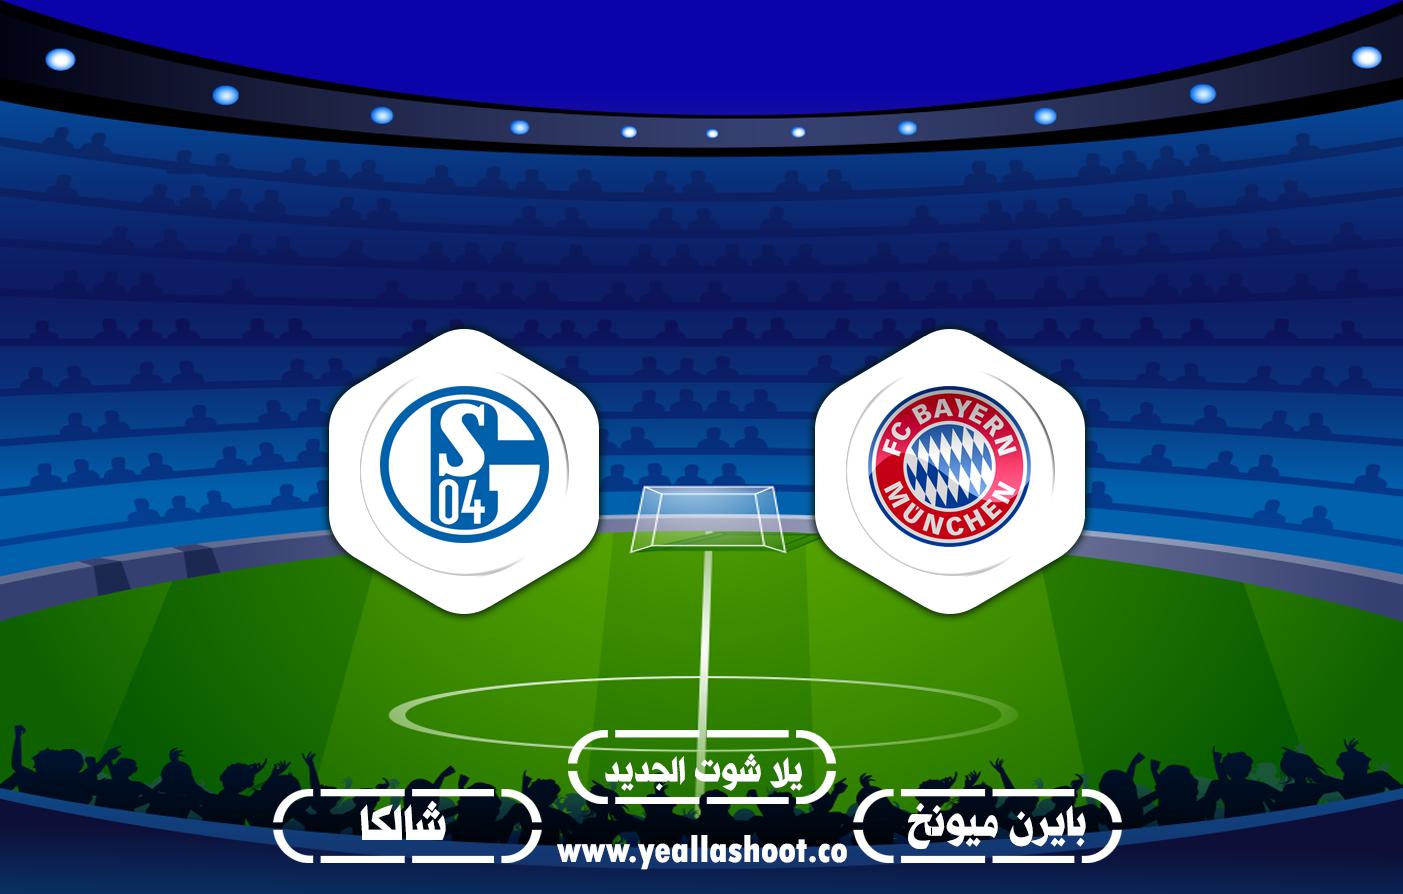 مشاهدة مباراة بايرن ميونخ وشالكه بث مباشر 18-09-2020 الدوري الالماني